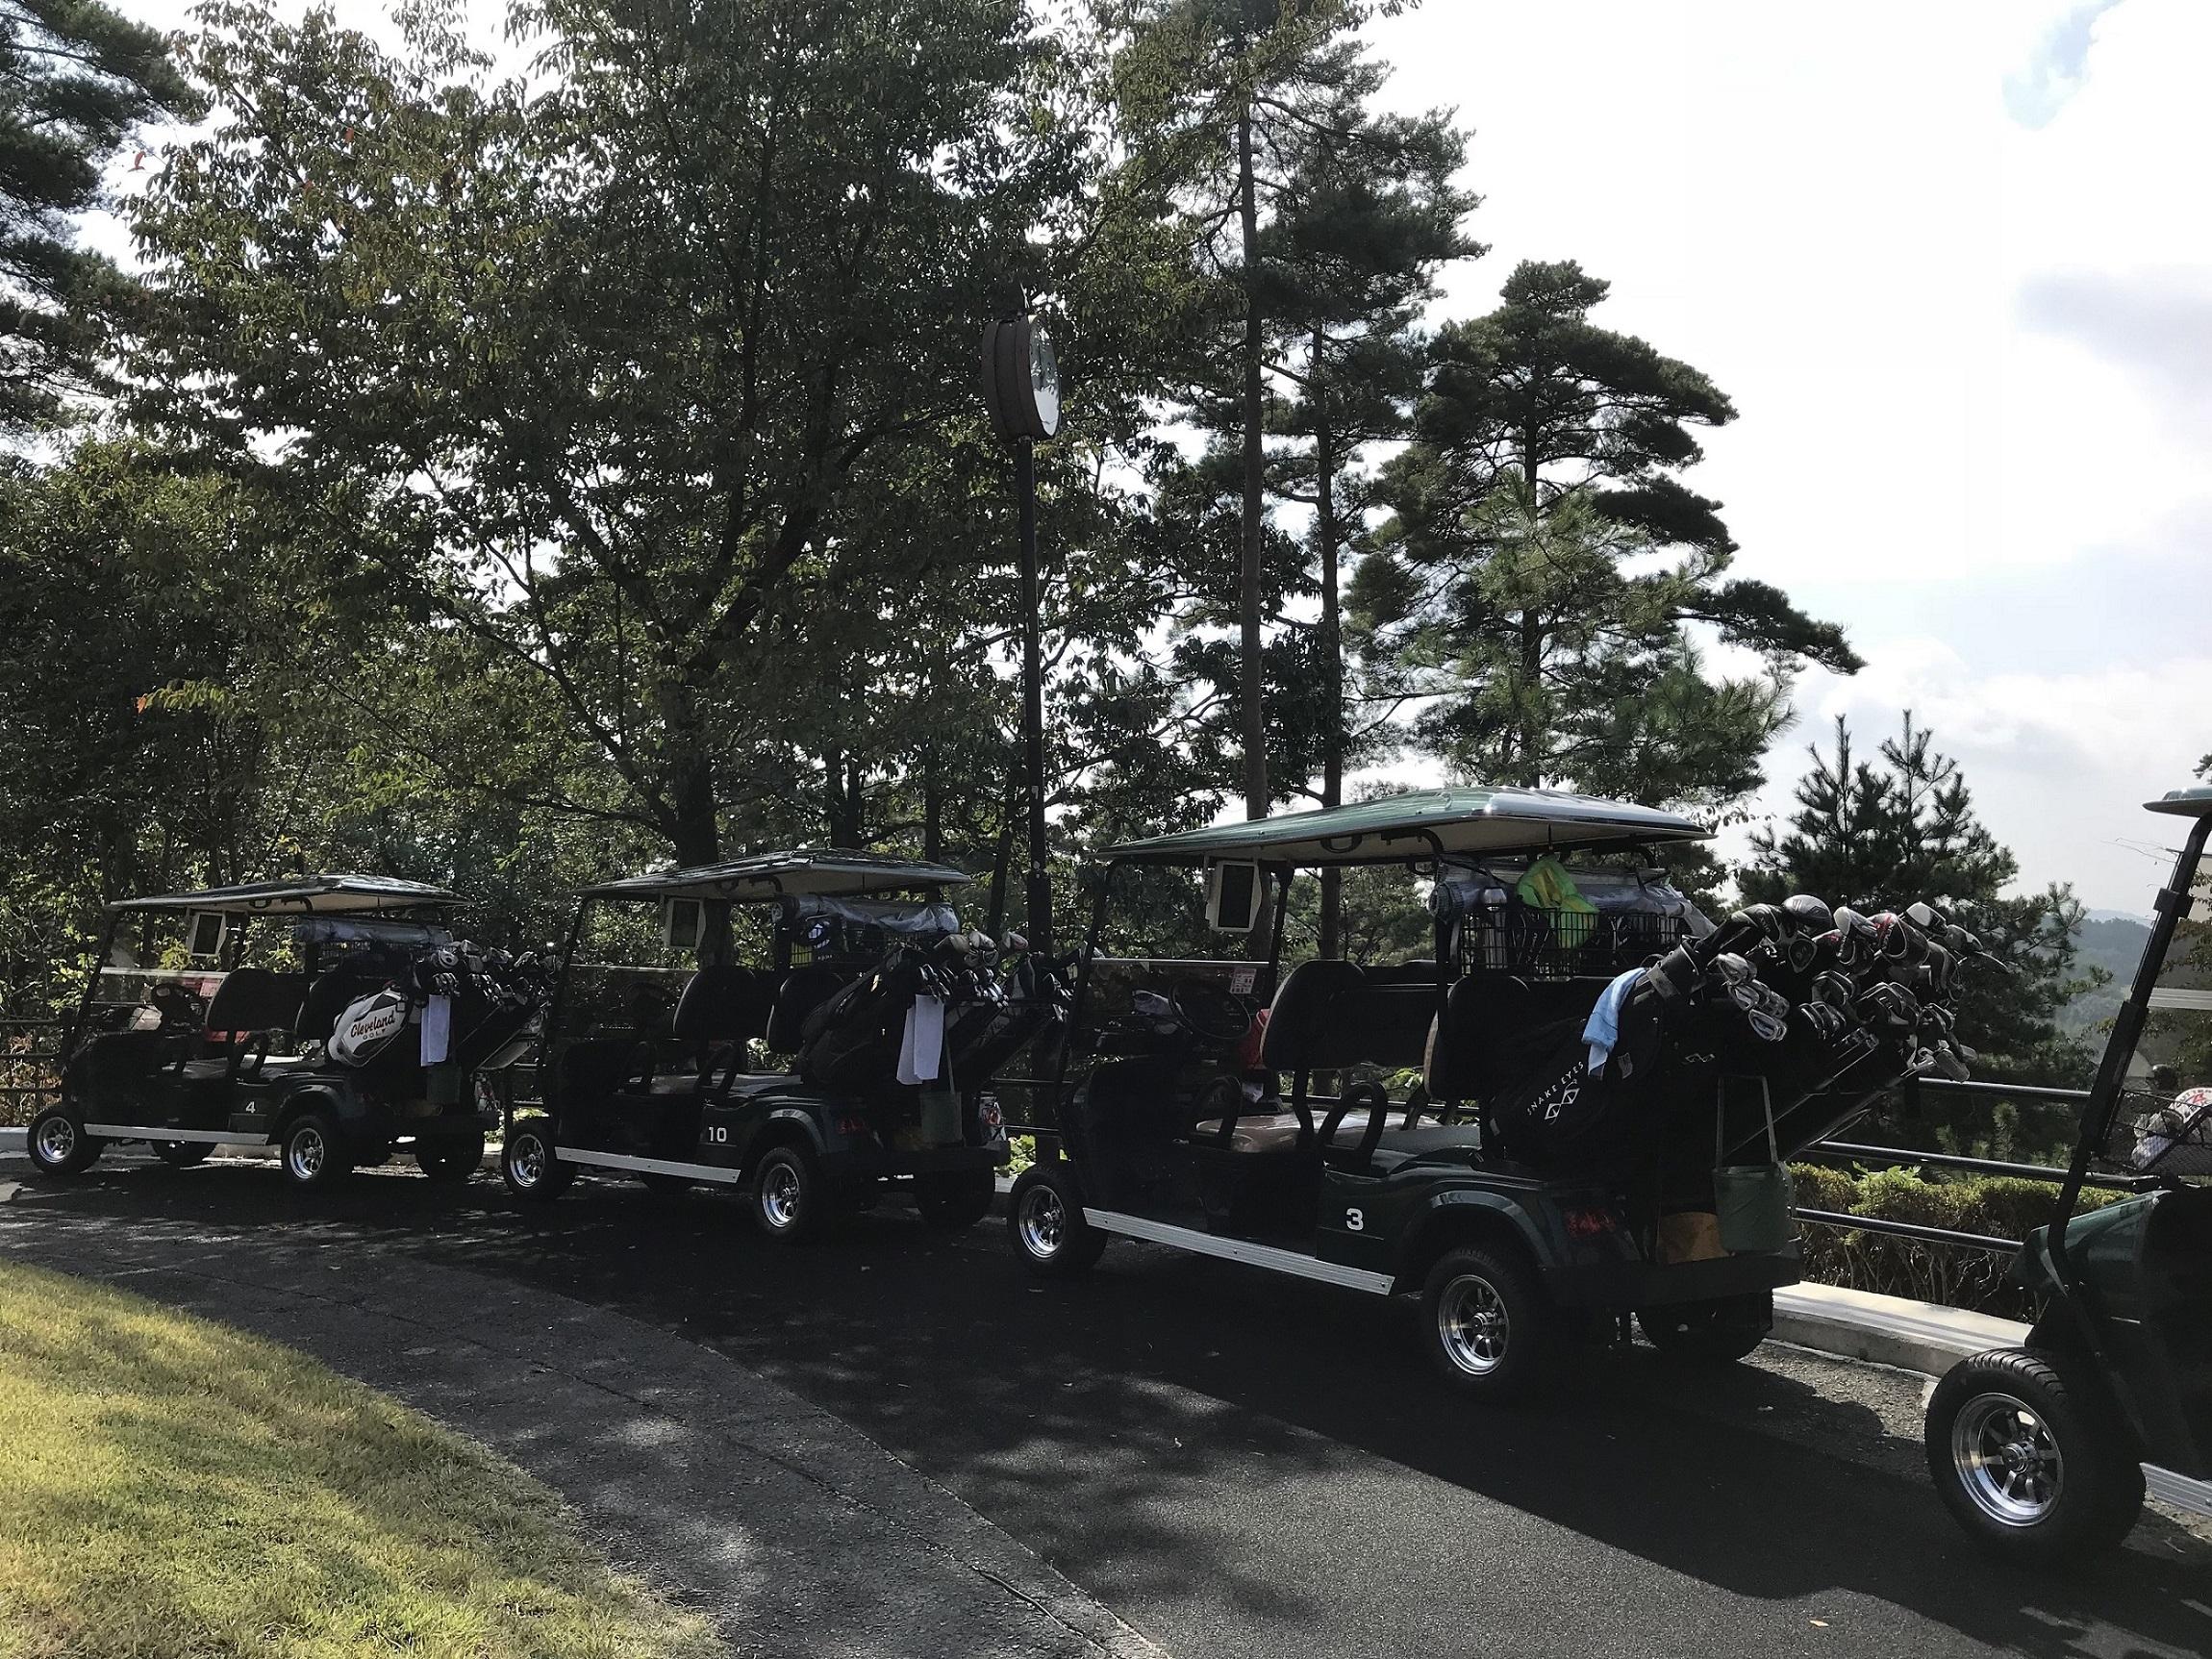 EVゴルフカートにより、プレー中の会話を楽しみながらの快適な移動とスムーズな運行管理